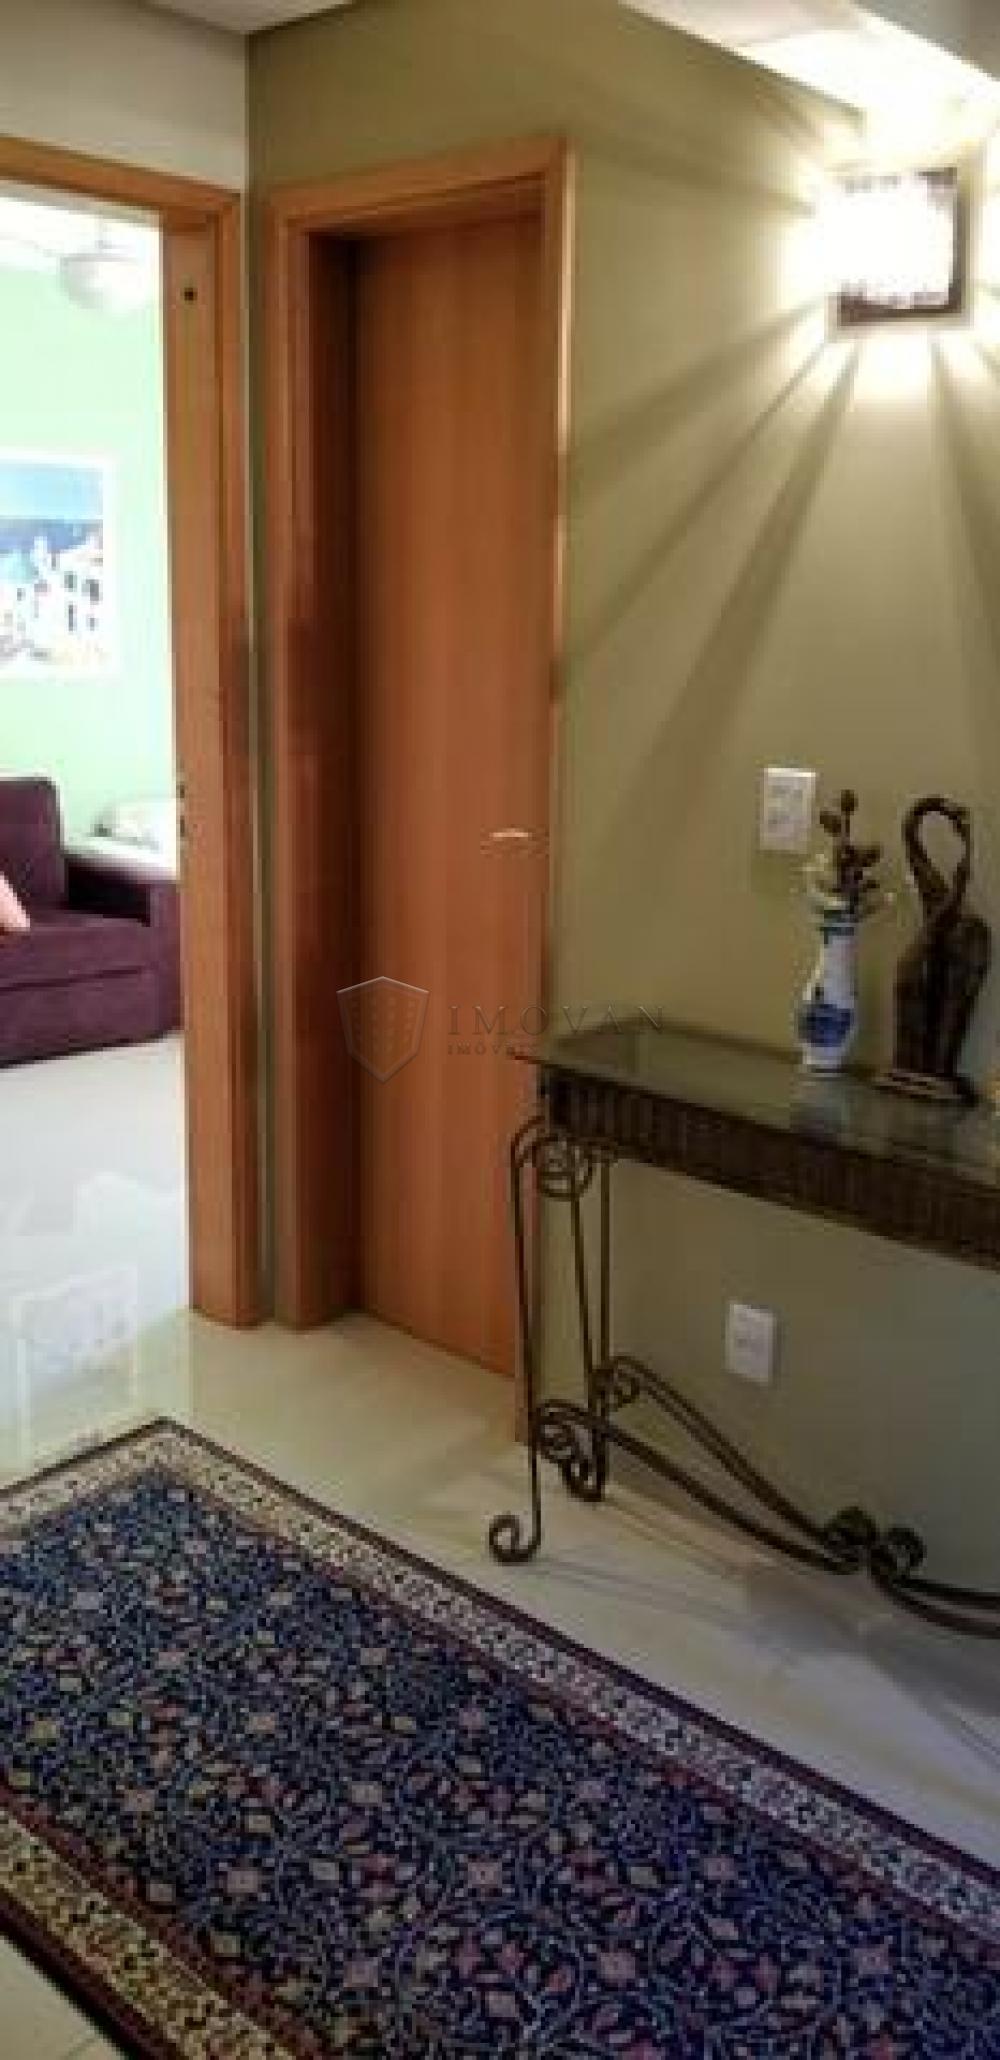 Comprar Apartamento / Padrão em Ribeirão Preto apenas R$ 485.000,00 - Foto 5